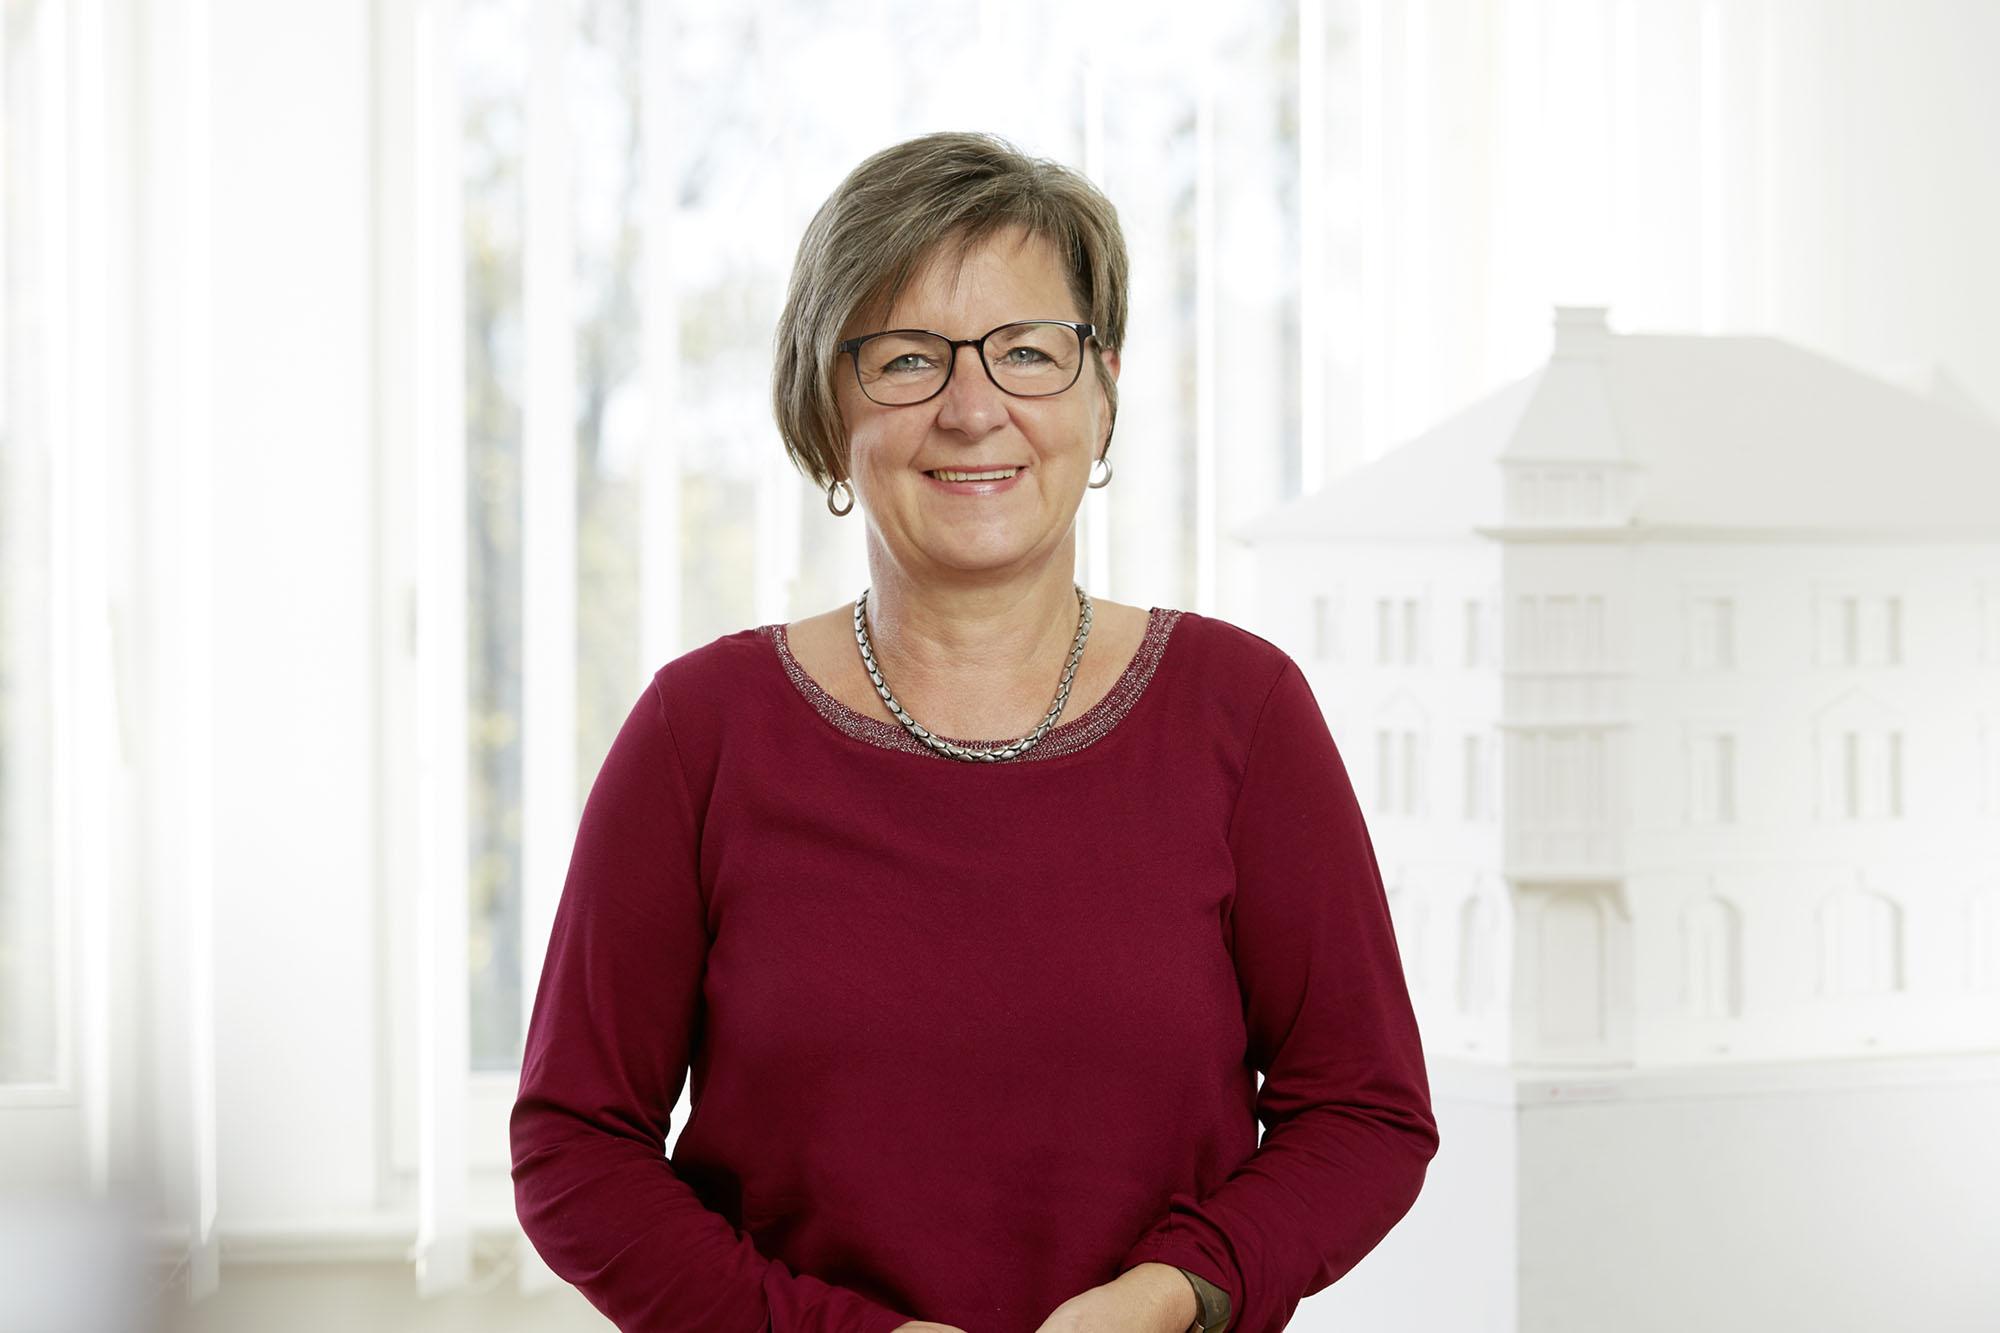 Heidi Kappus